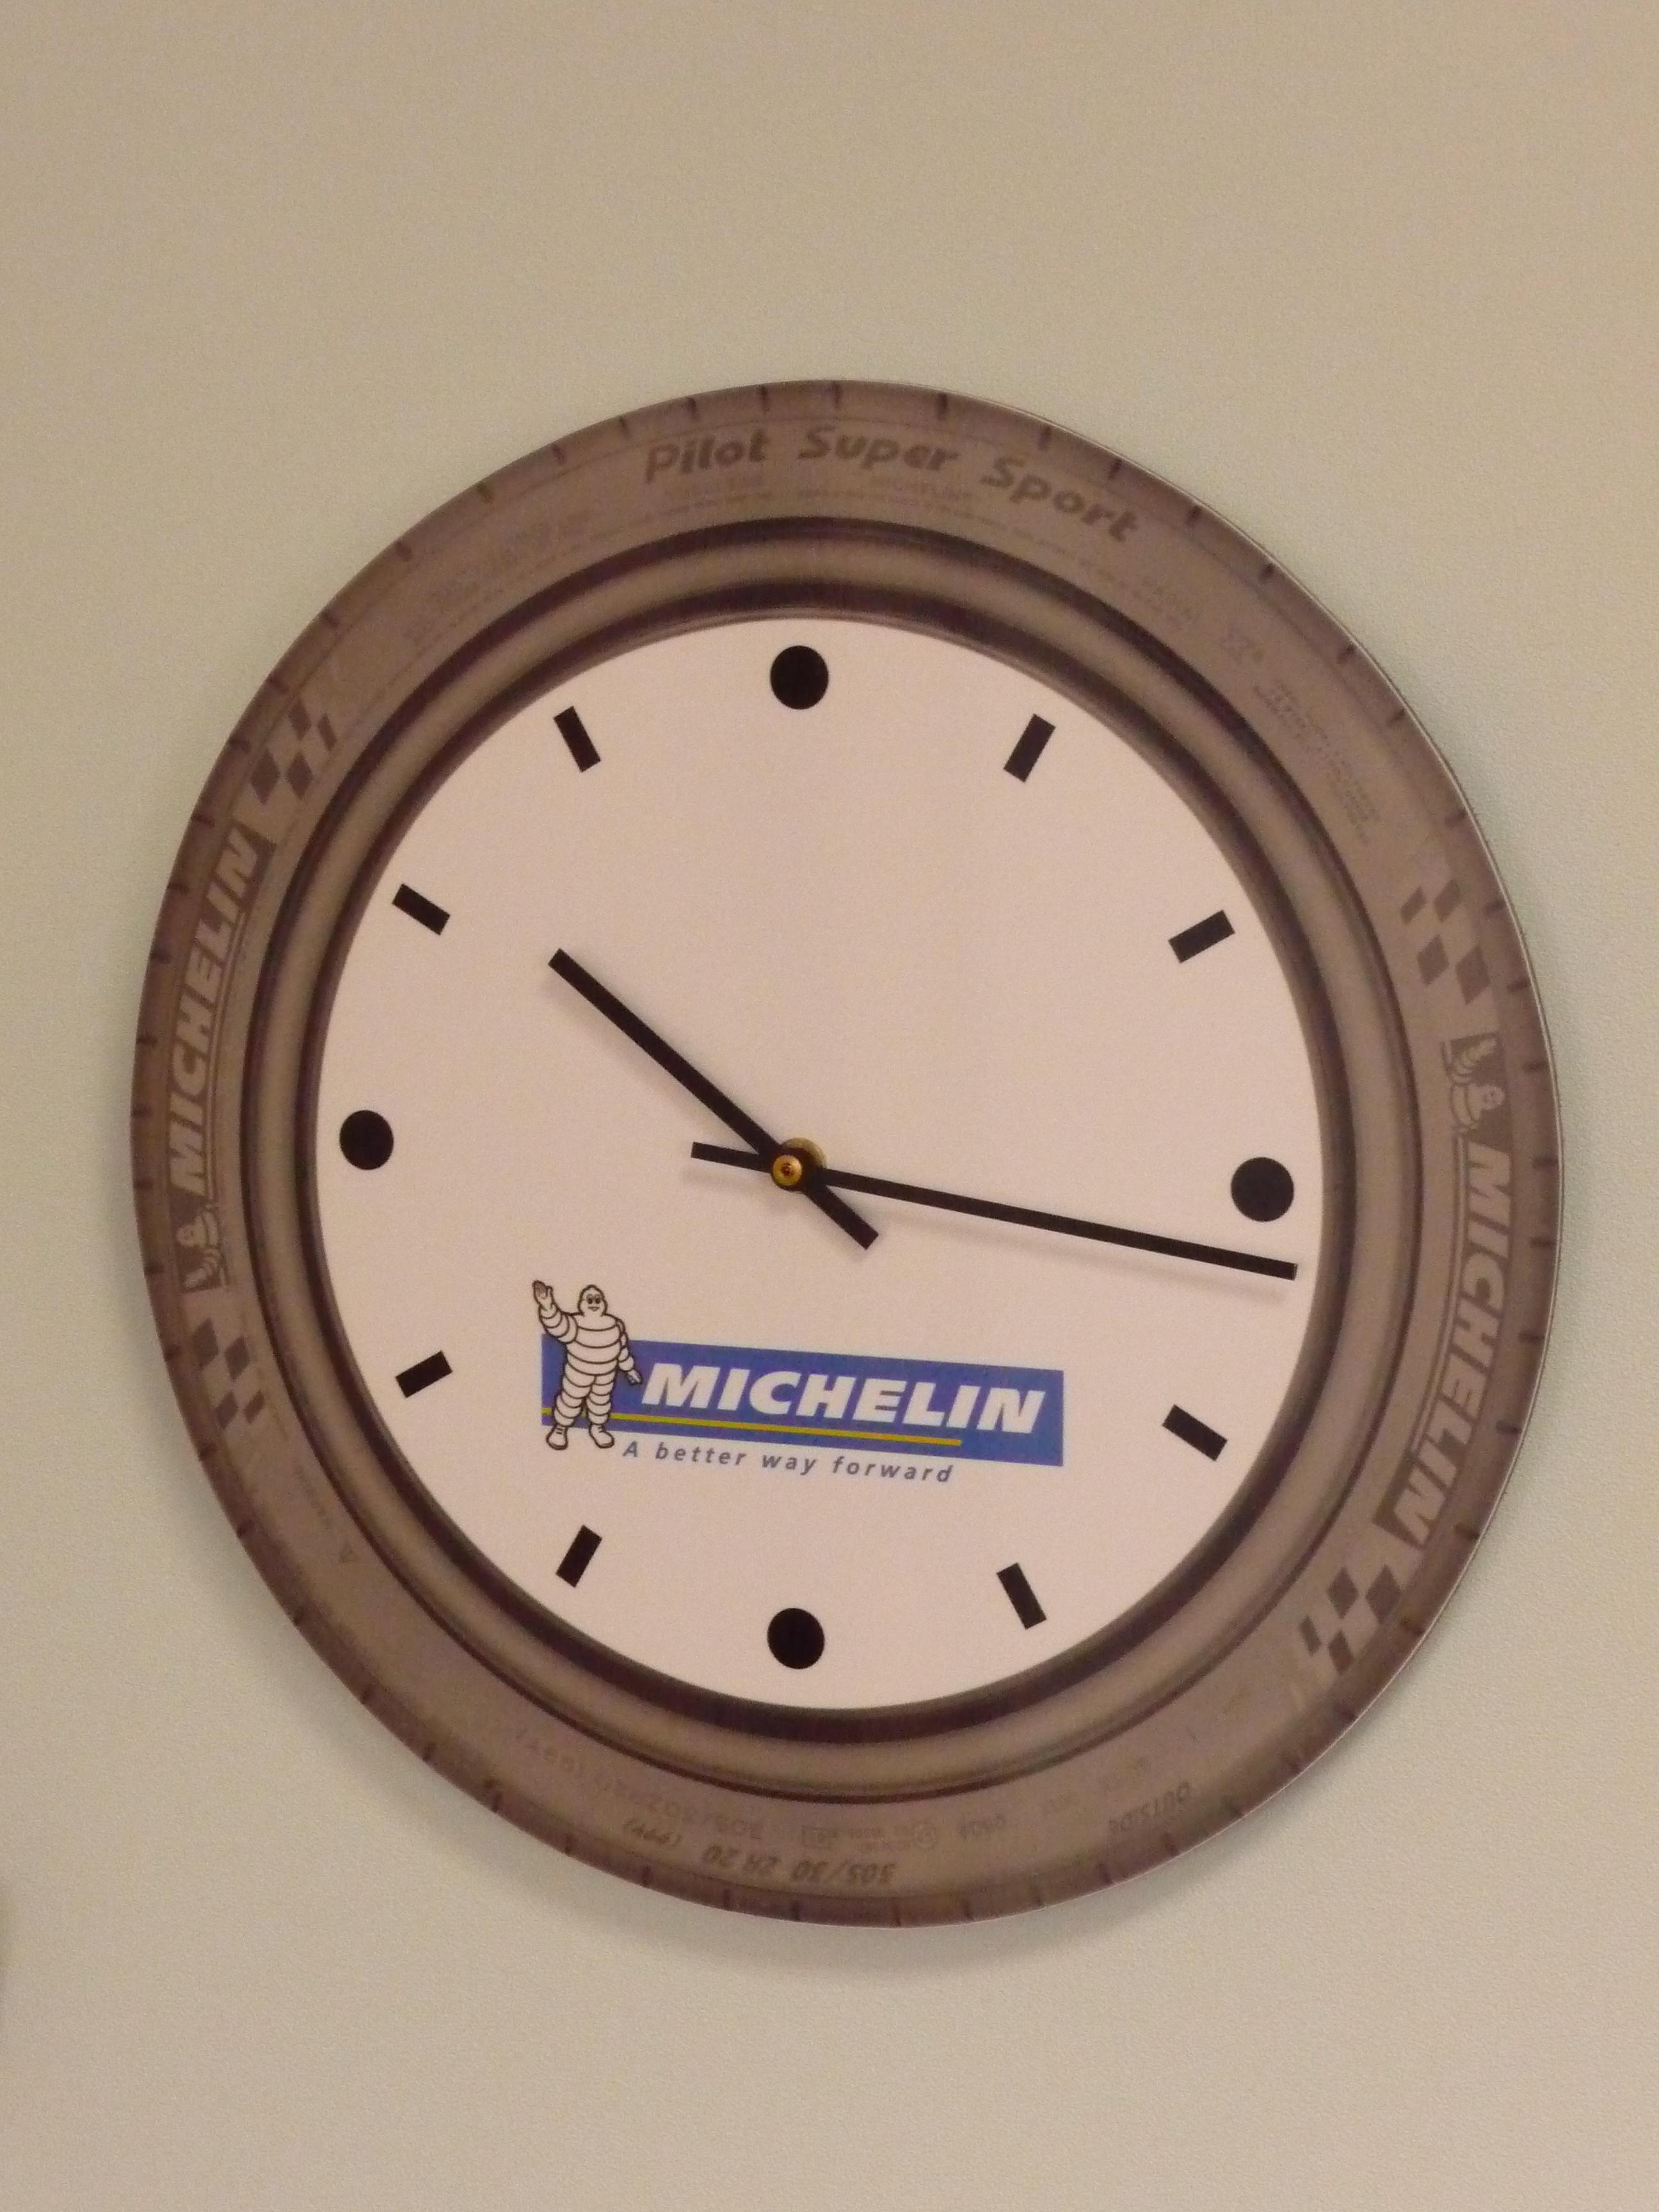 Digital printed clock dial